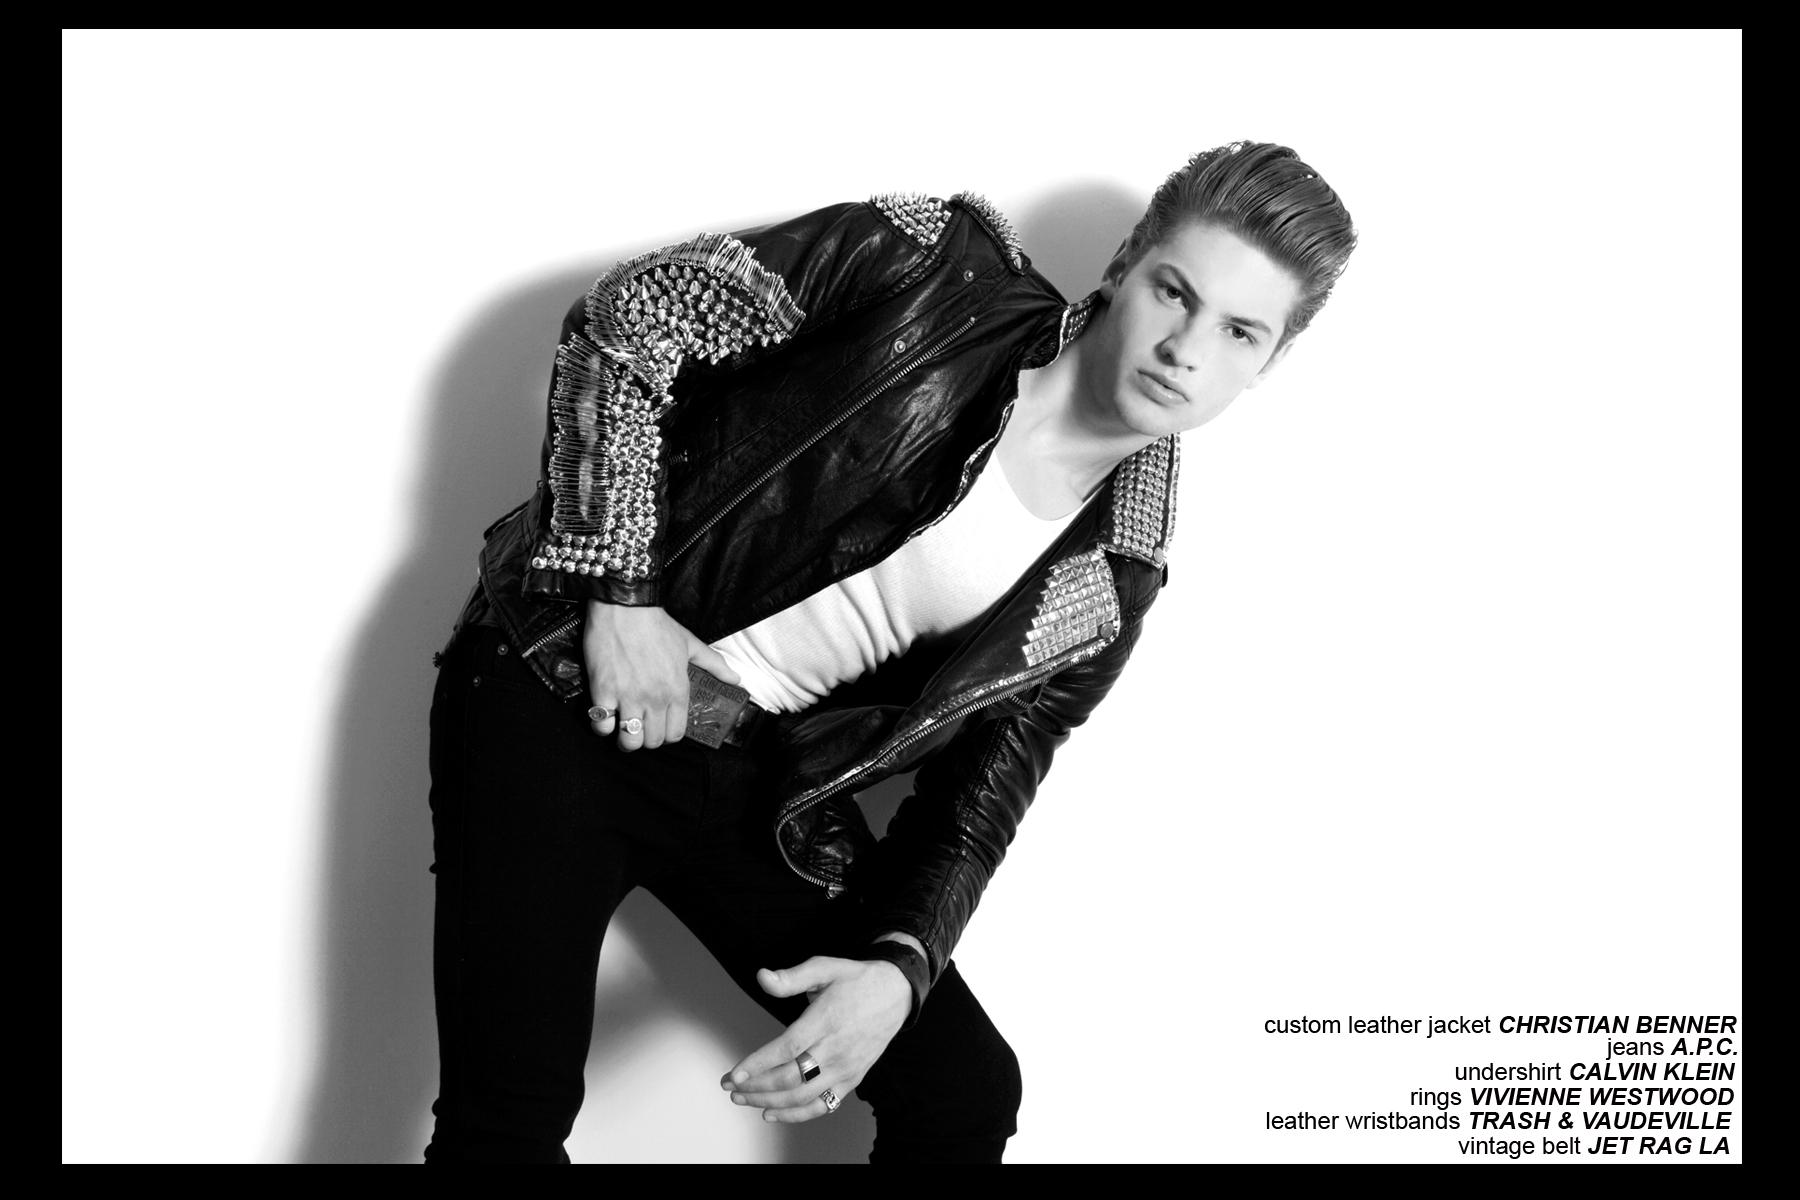 Model Clancy Sigalet from Soul Artist Management, modeling Christian Benner for Ponyboy Magazine.